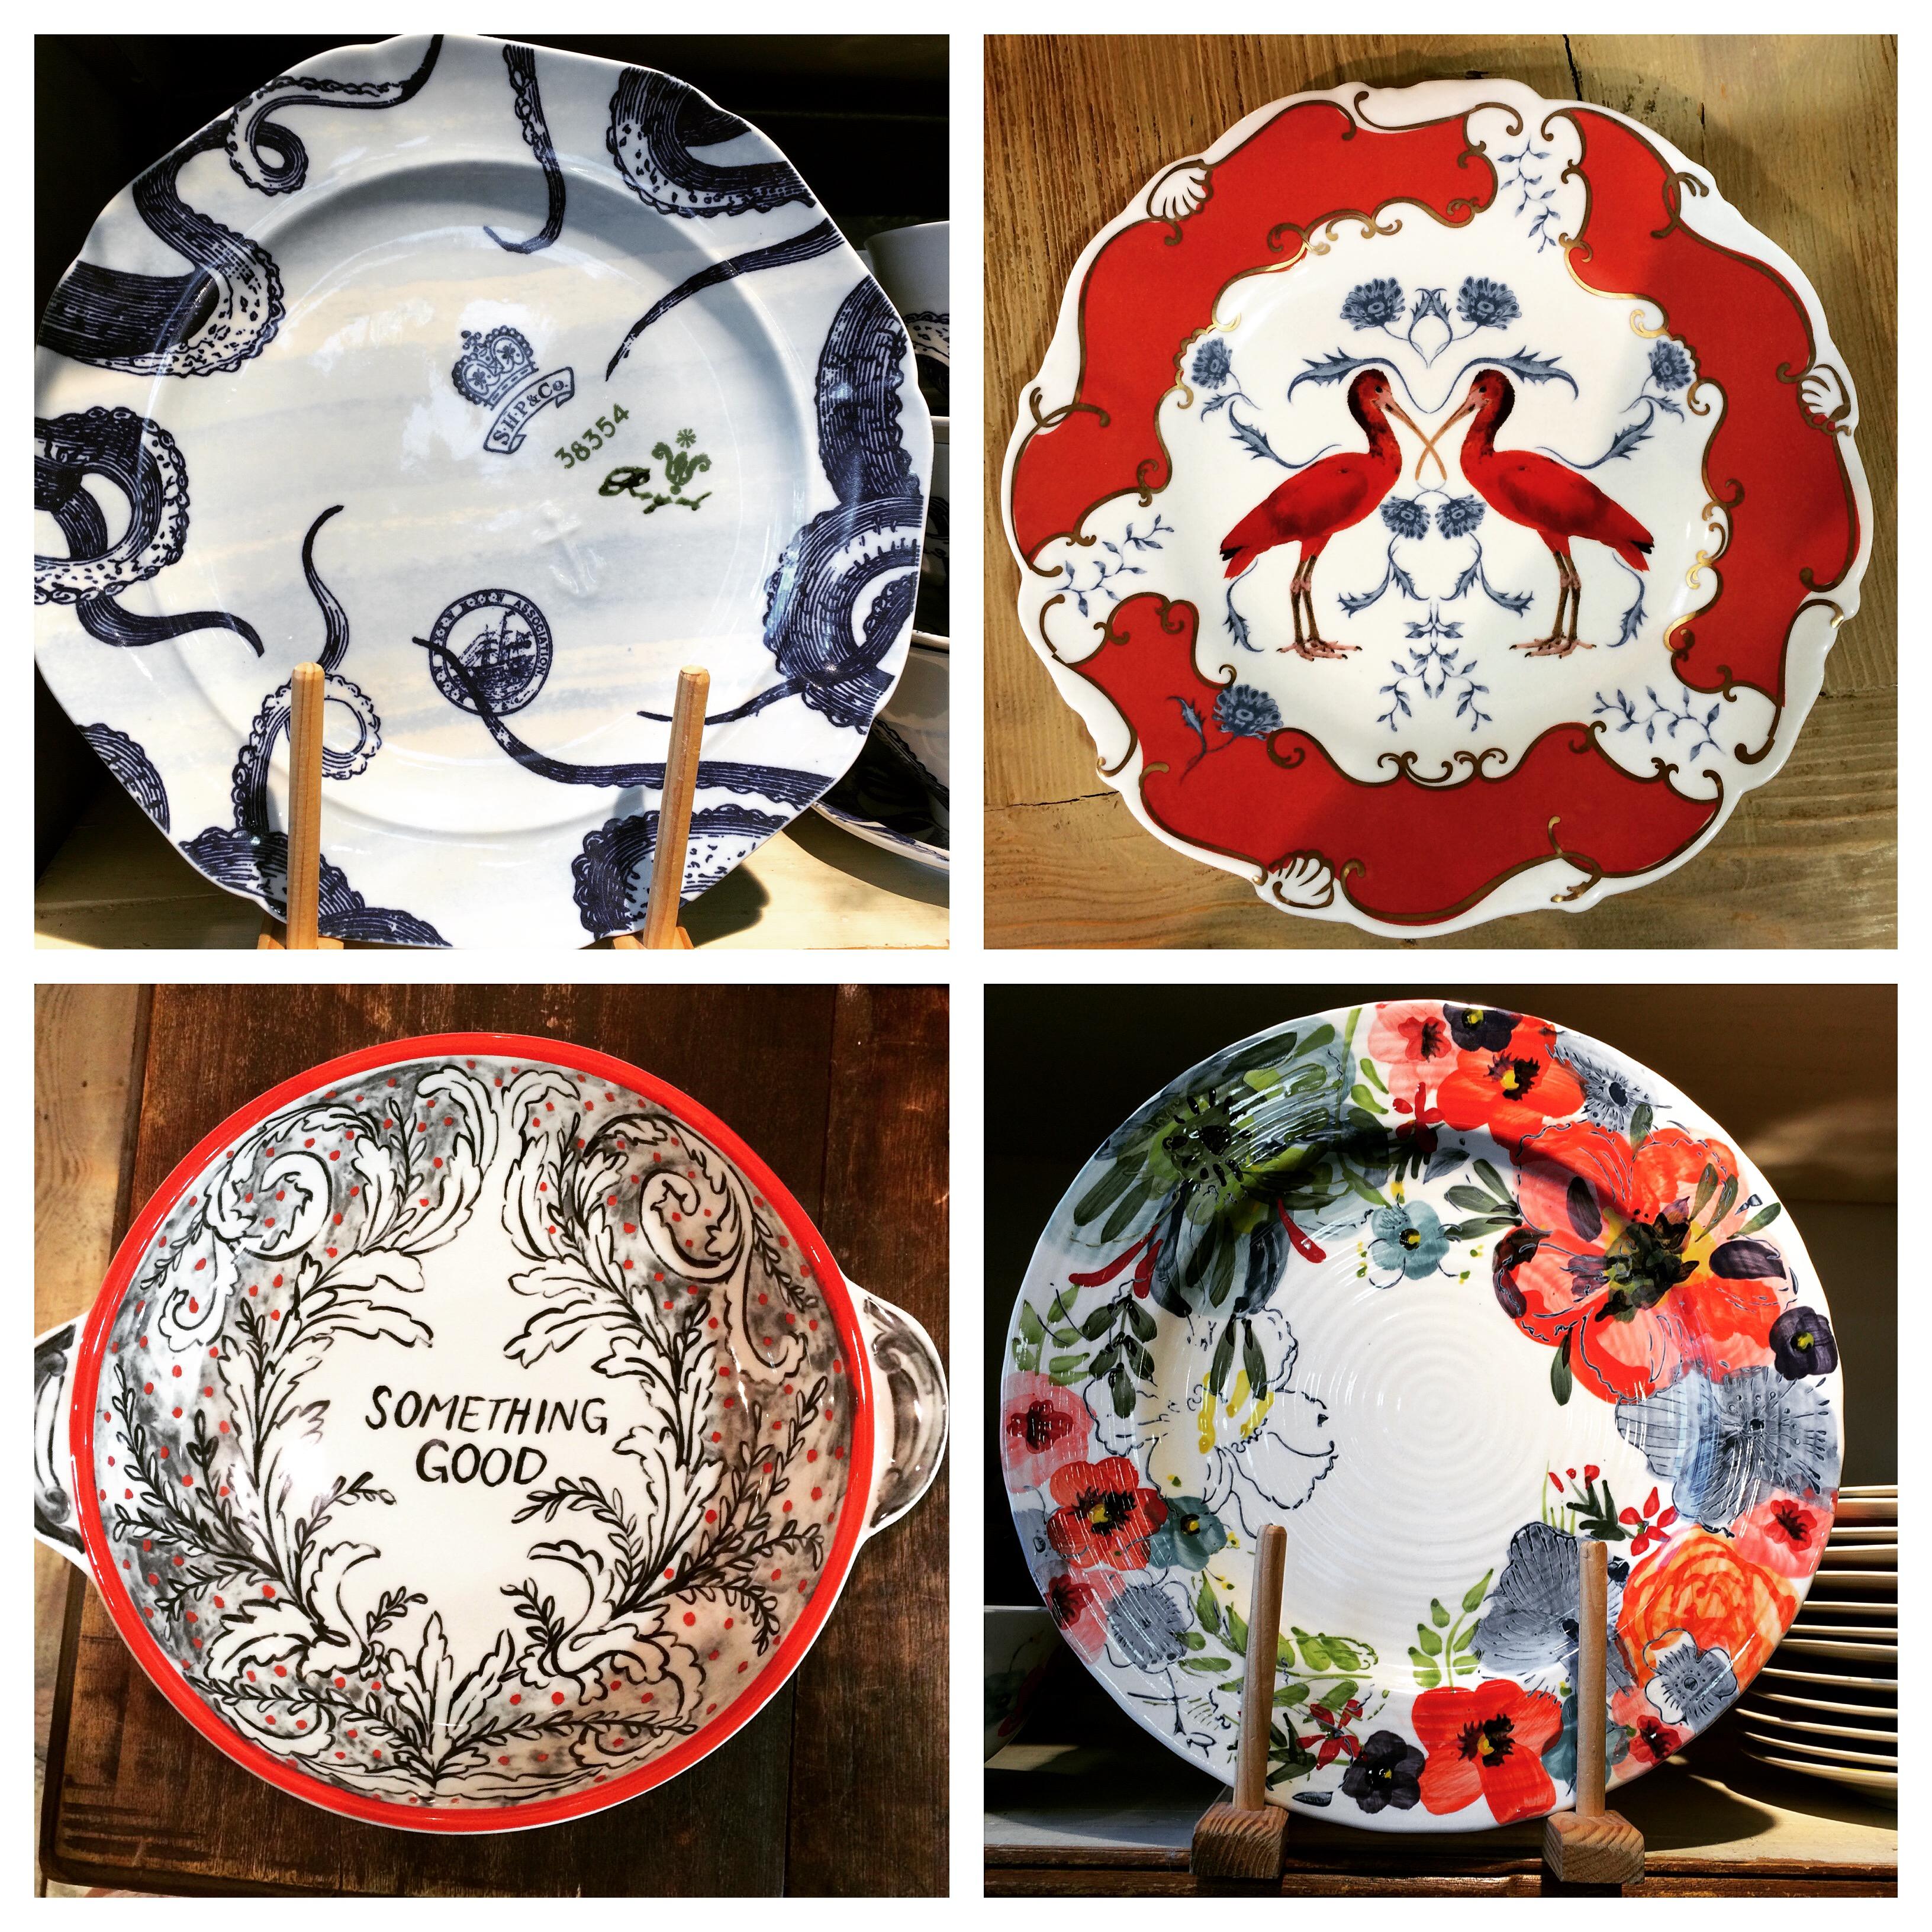 Choosing plates